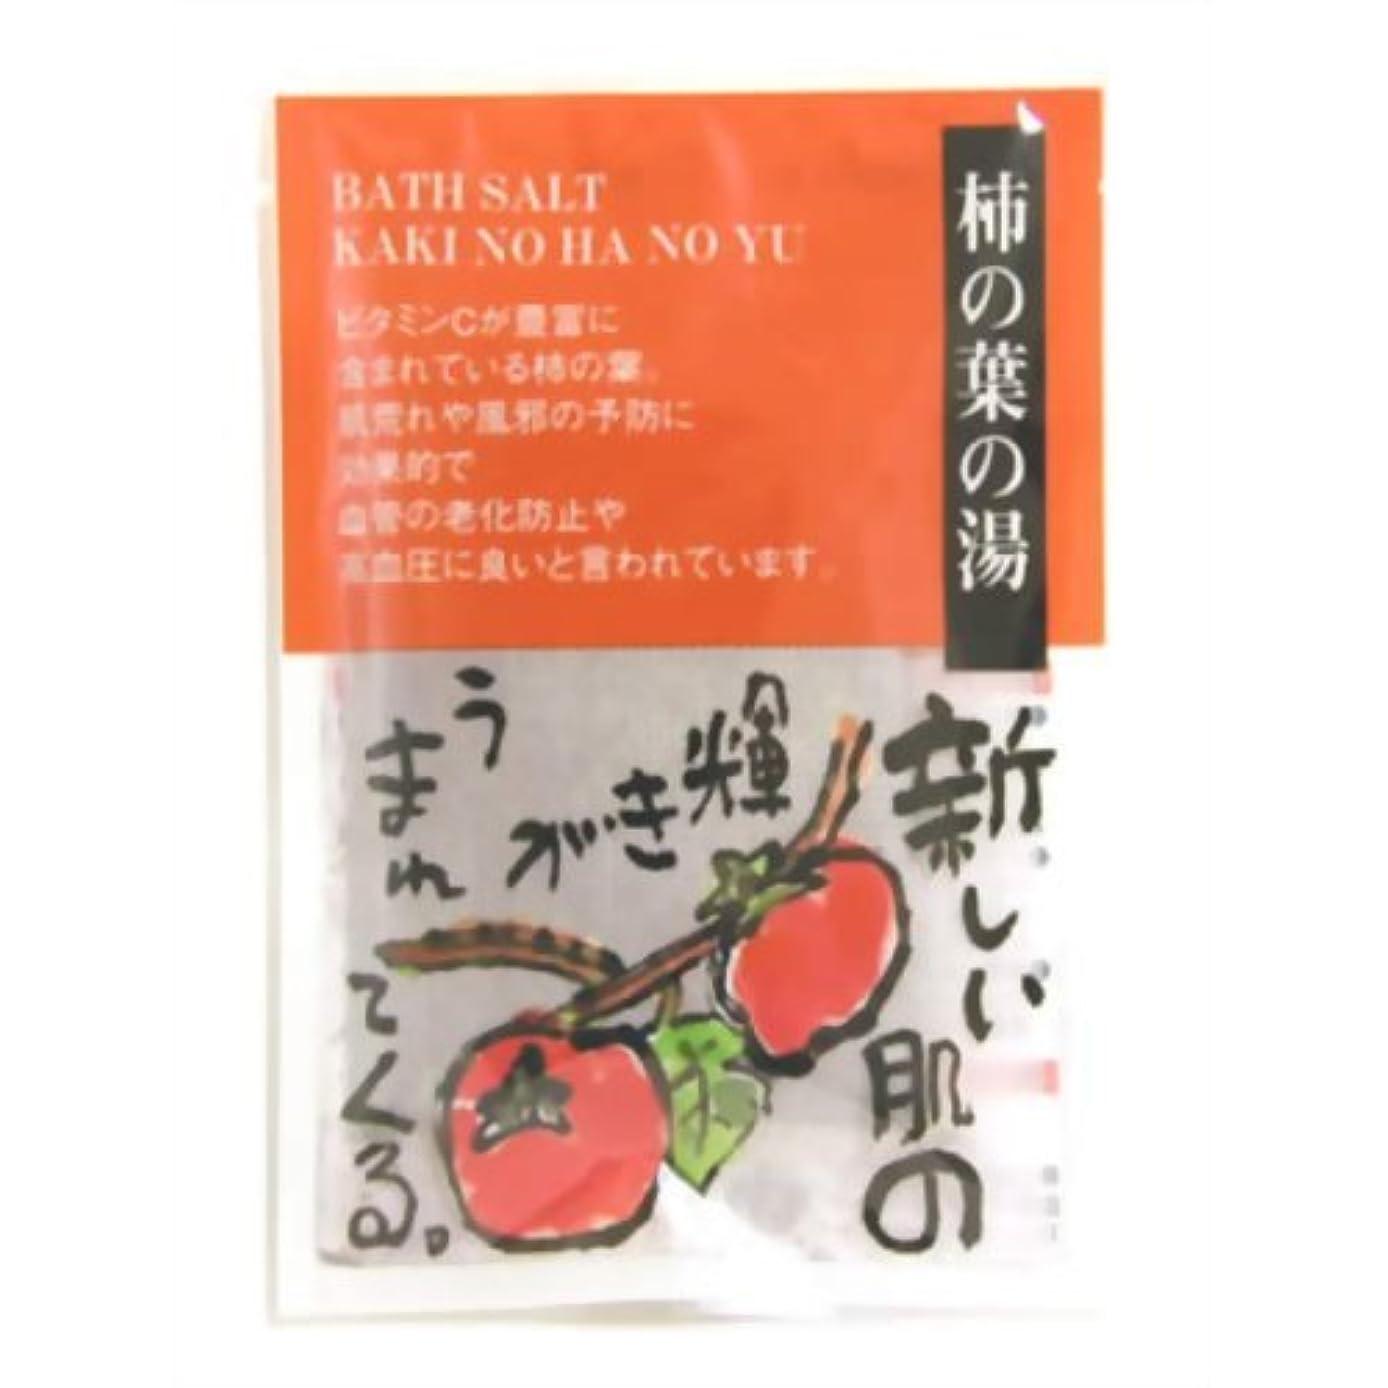 酸素光沢鳥和漢の湯 やすらぎ便り 柿の葉の湯(ティーバッグタイプ)(入浴剤 ハーブ)